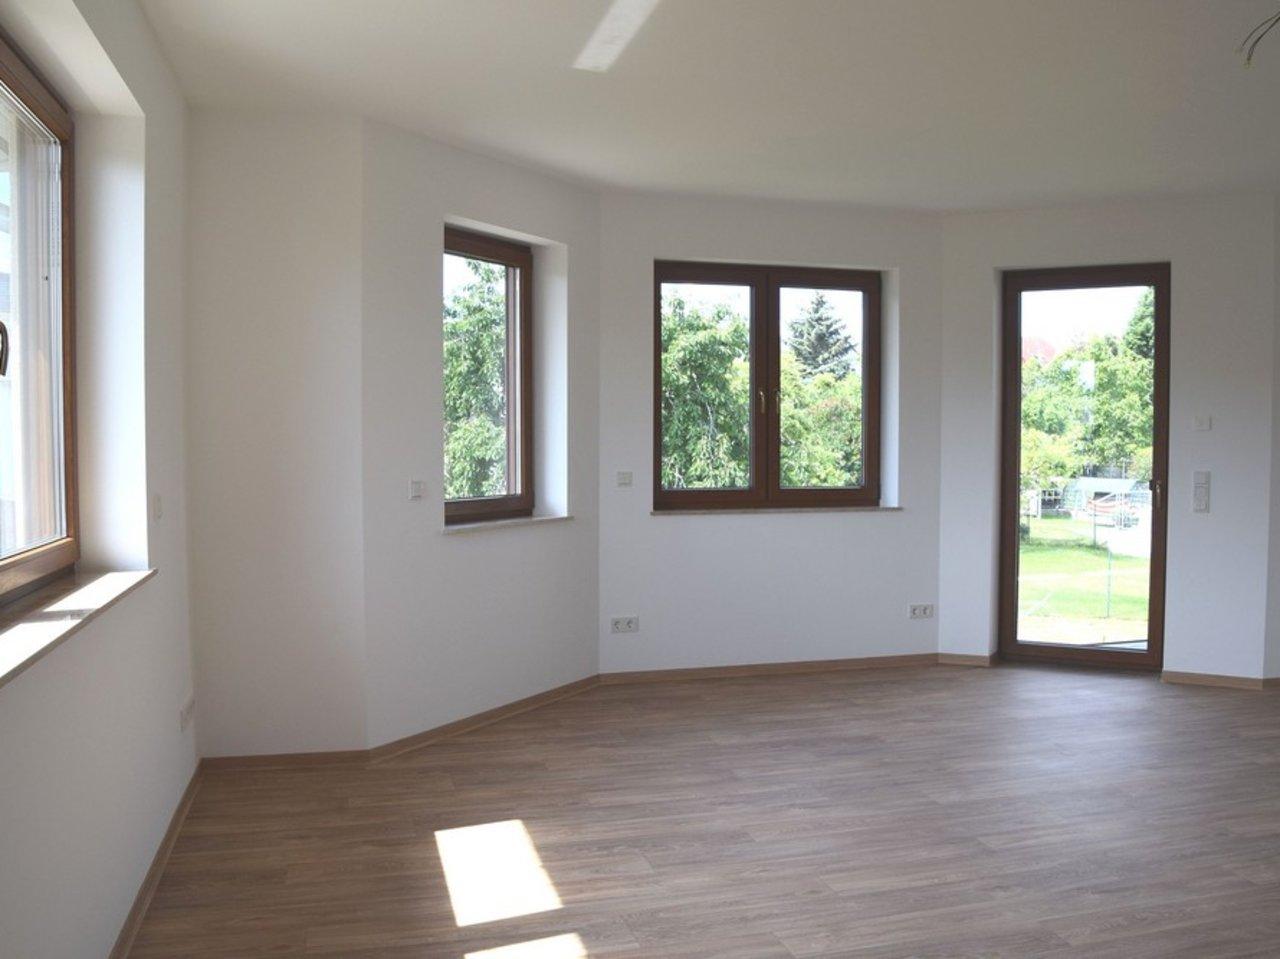 Zauberhafte, familienfreundliche 4-Zimmerwohnung - Neubau Erstbezug!-Wohnen